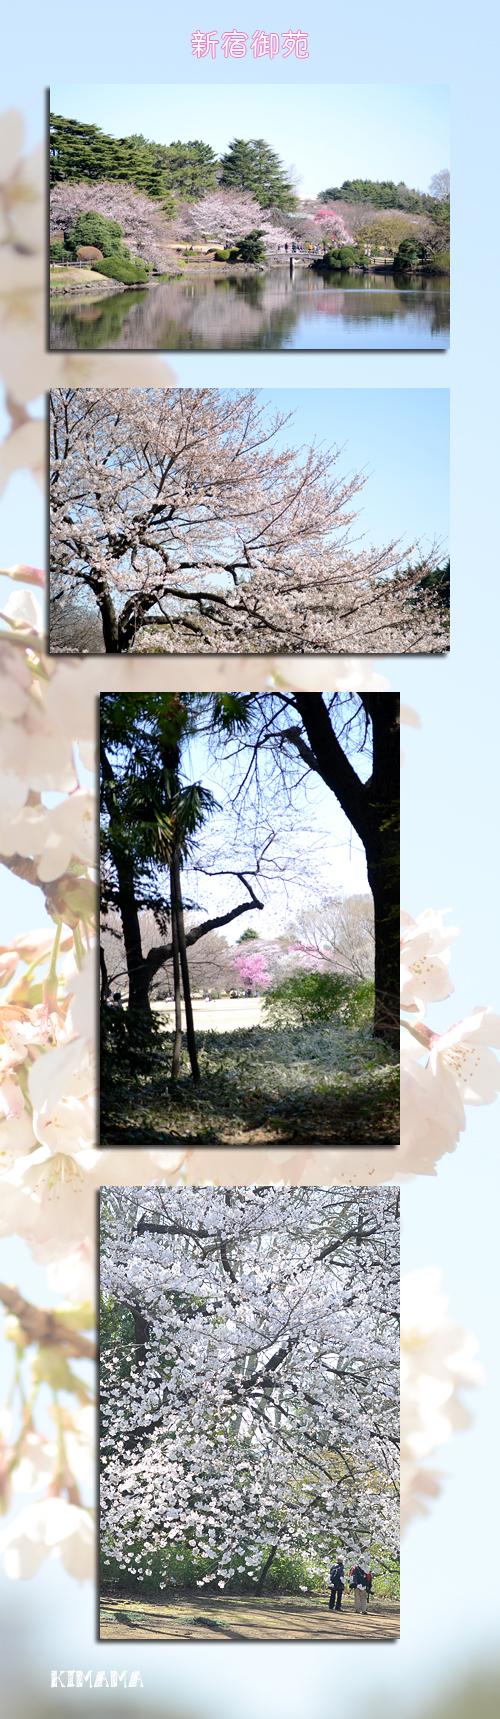 3月21日御苑1